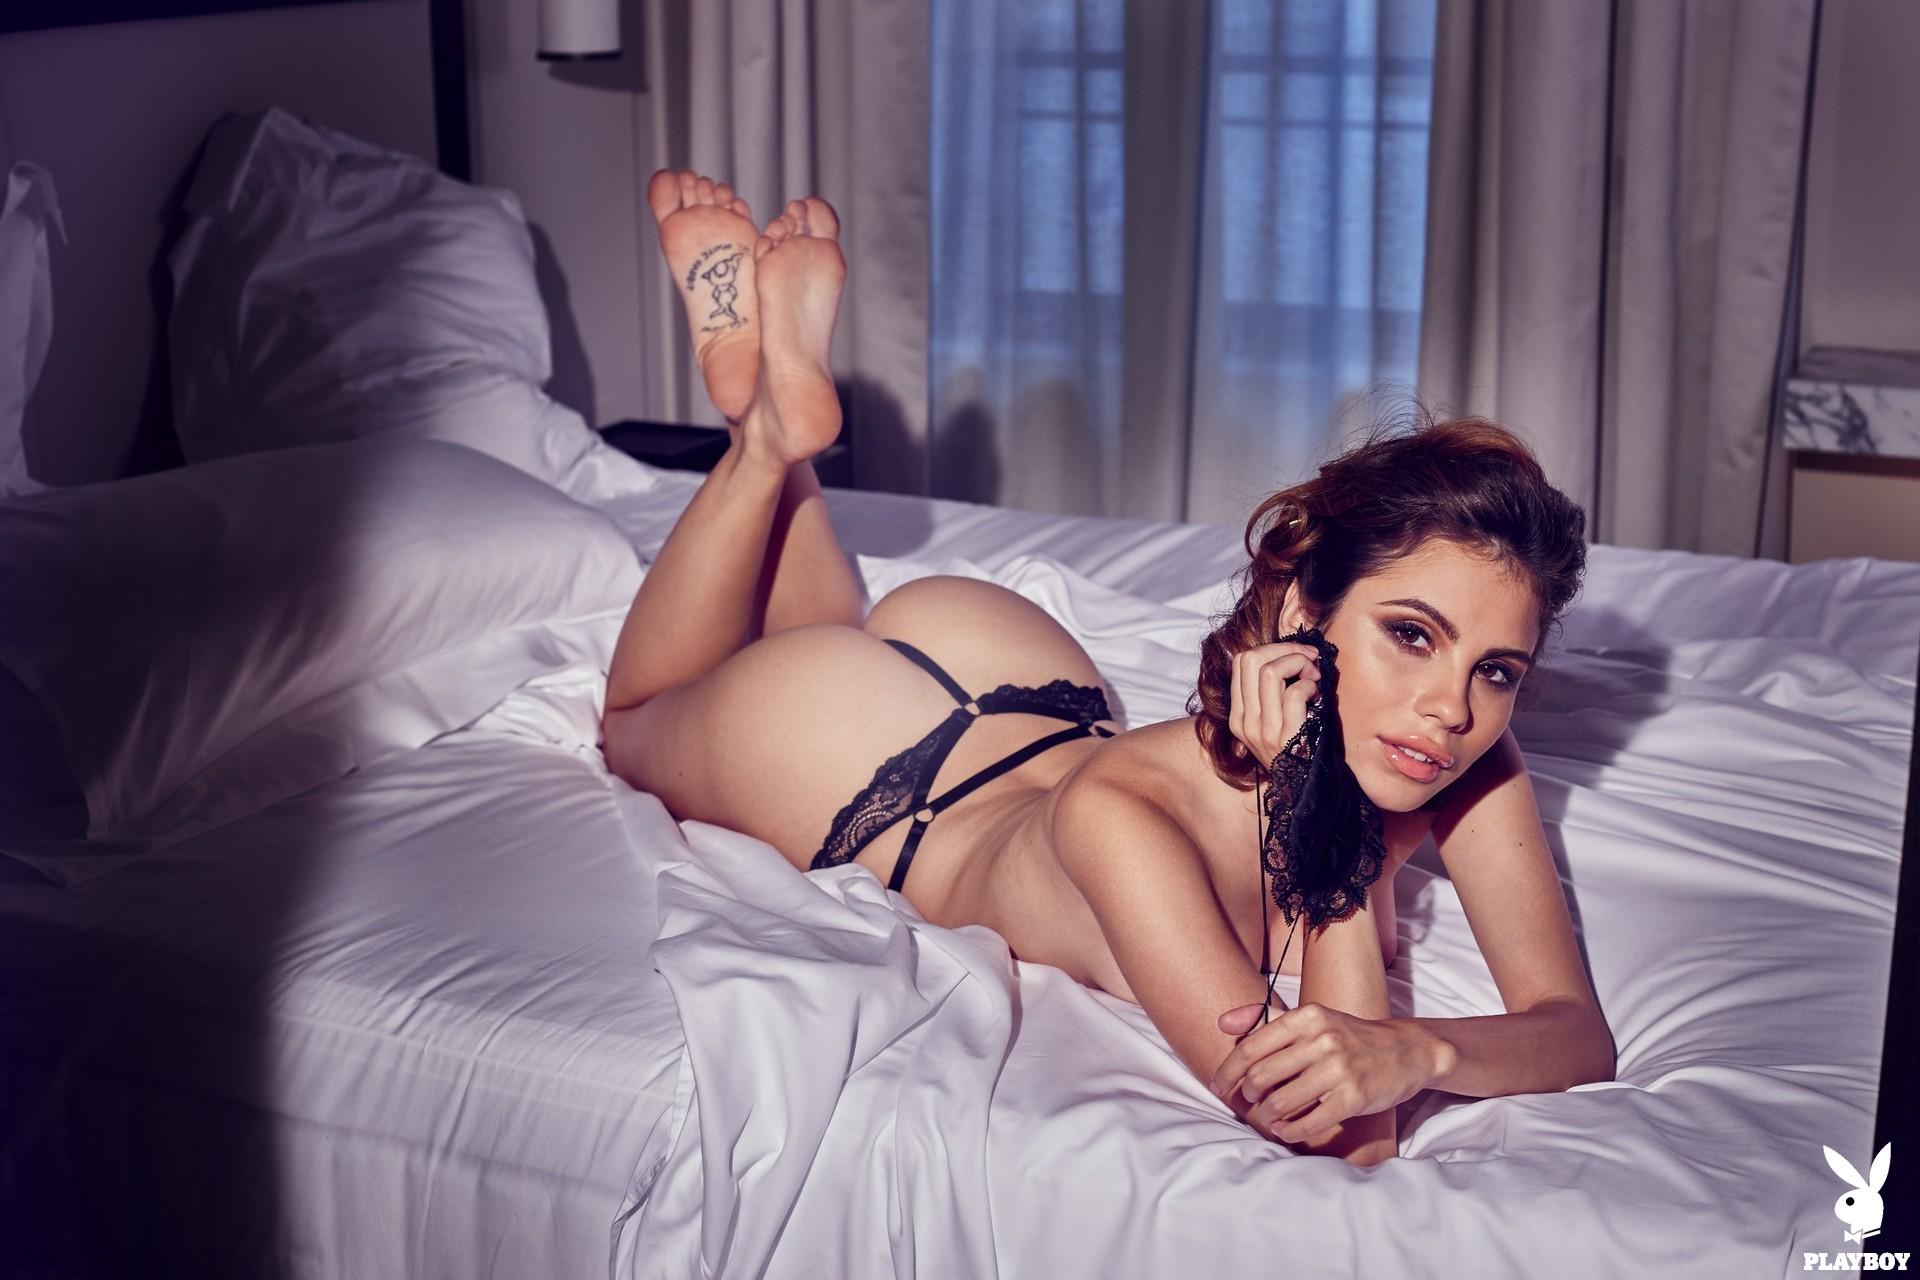 Chiara Arrighi in Playboy Germany Vol. 3 - Playboy Plus 17